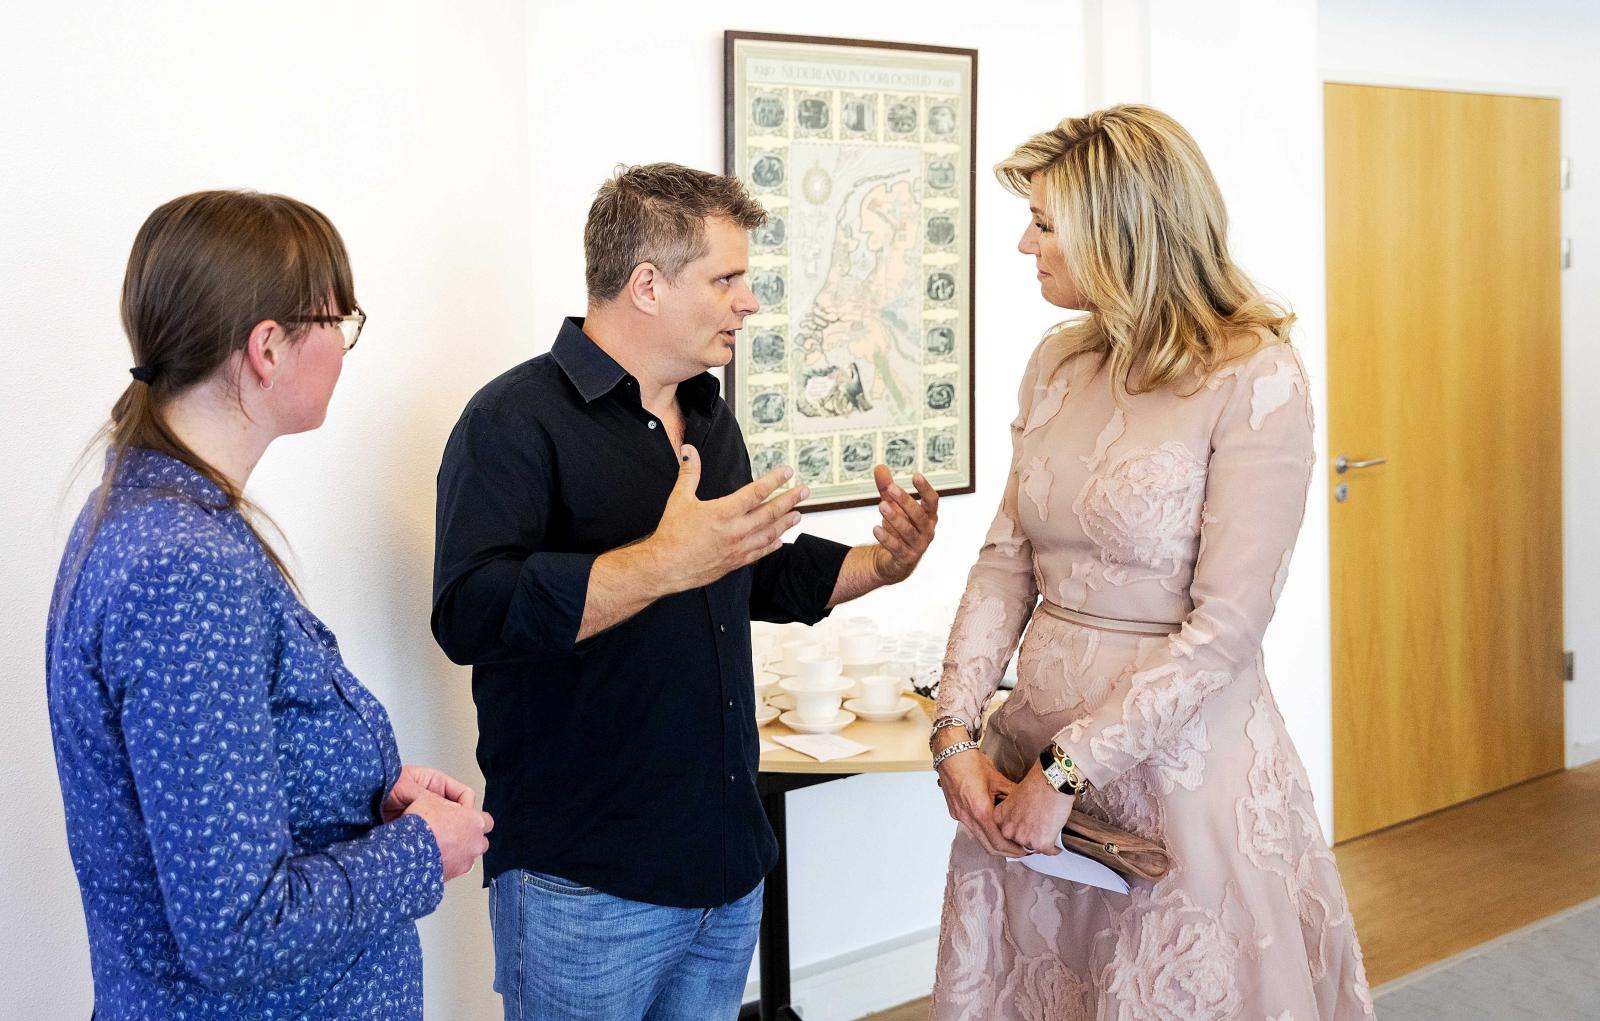 Królowa Holandii Maxima z wizytą w centrum dla osób z traumami psychicznymi w Amsterdamie. Fot. PAP/EPA/Robin van Lonkhuijsen